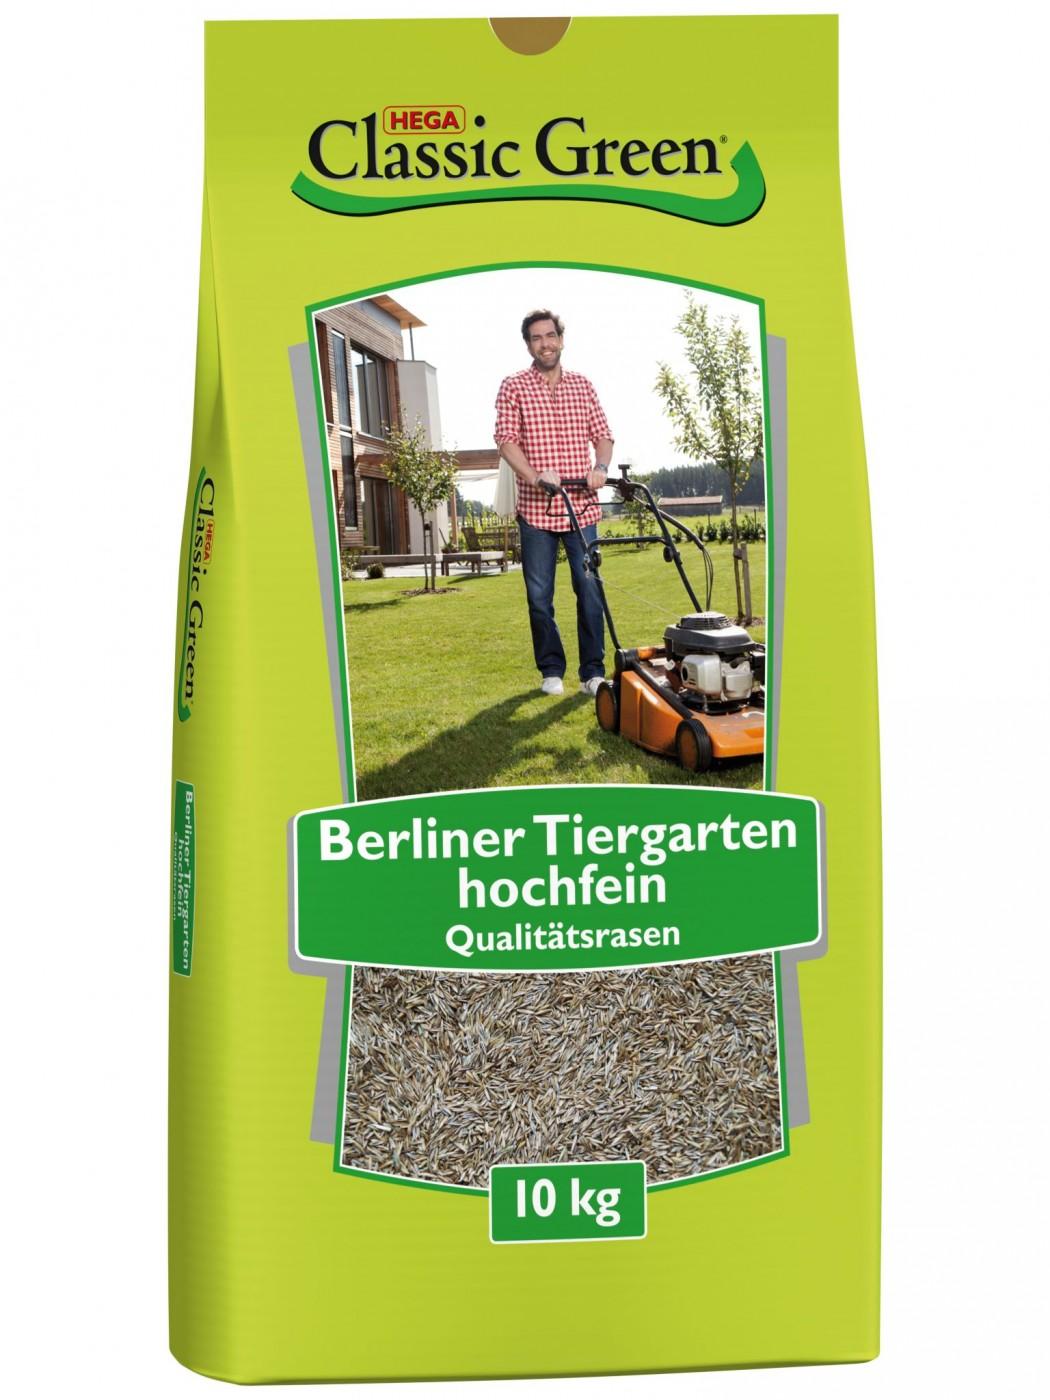 Classic Green Berliner Tiergarten hochfein | 10kg Saat